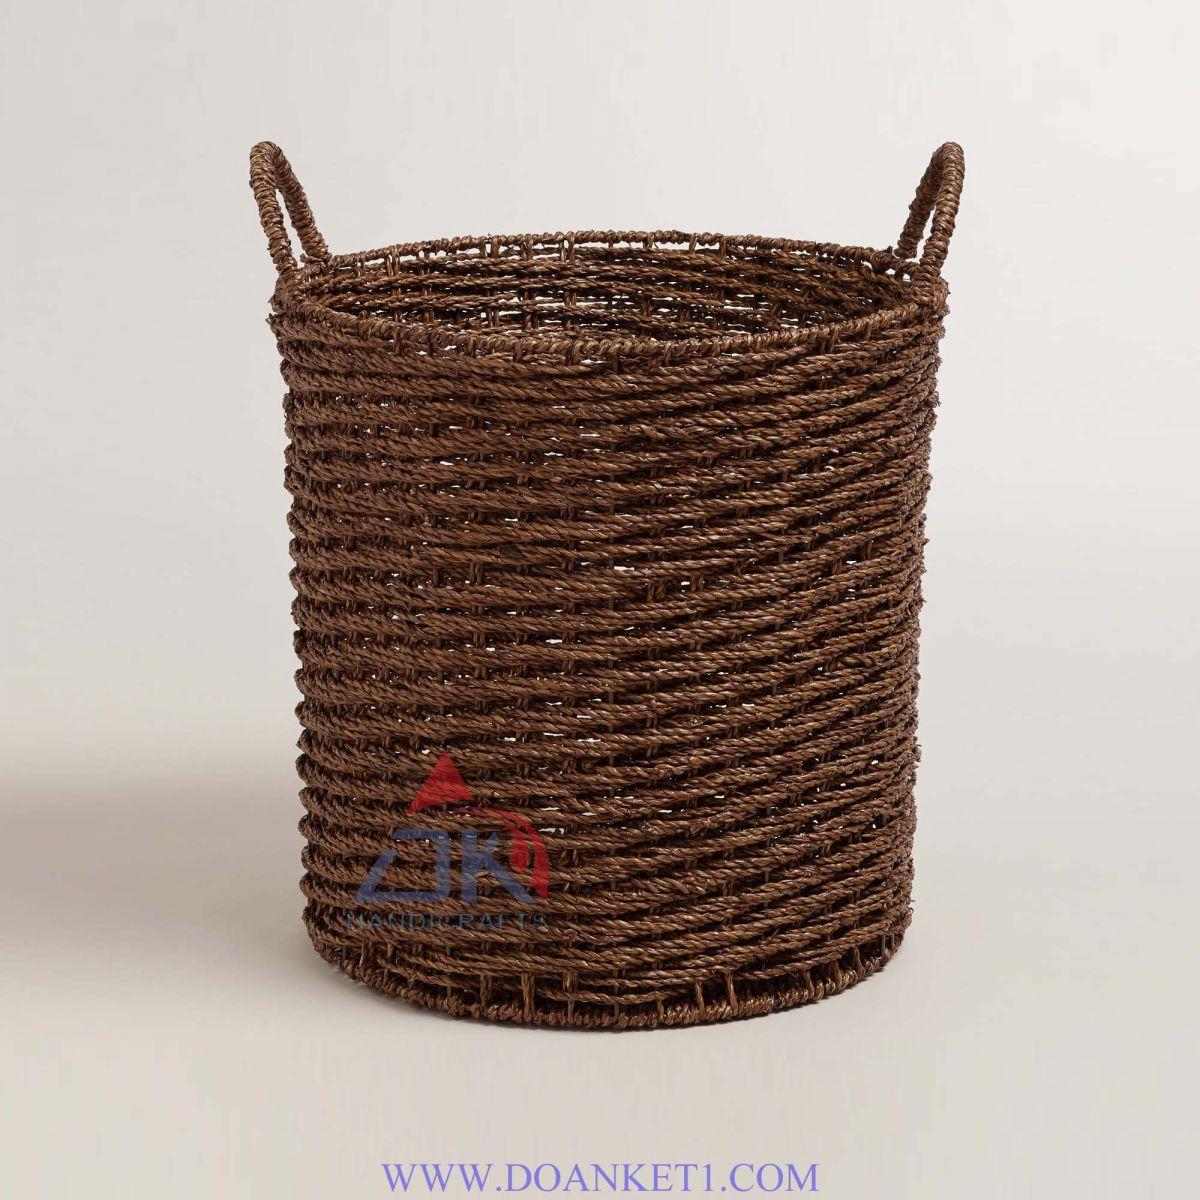 Seagrass Basket # DK252